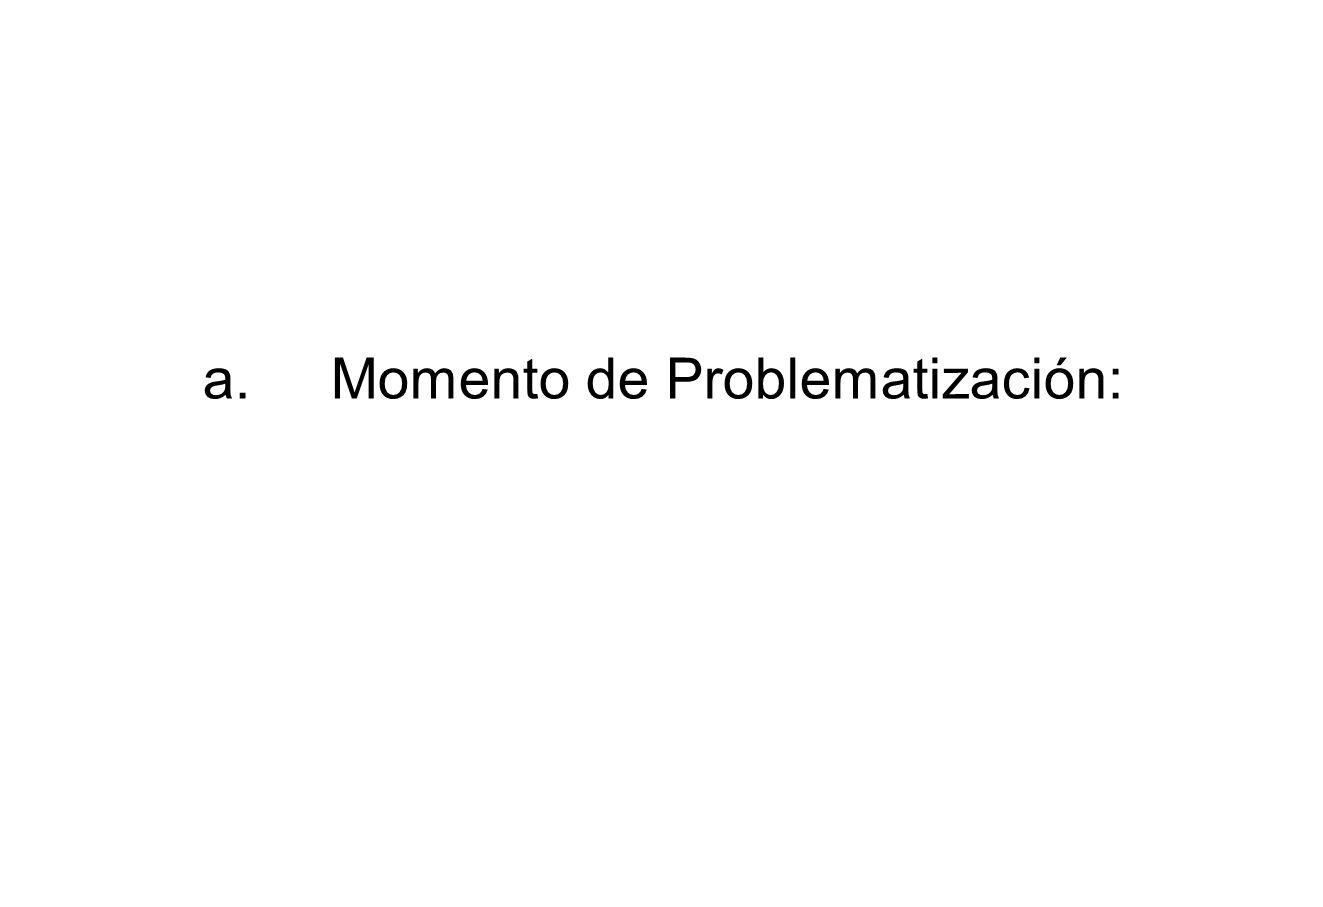 a.Momento de Problematización: